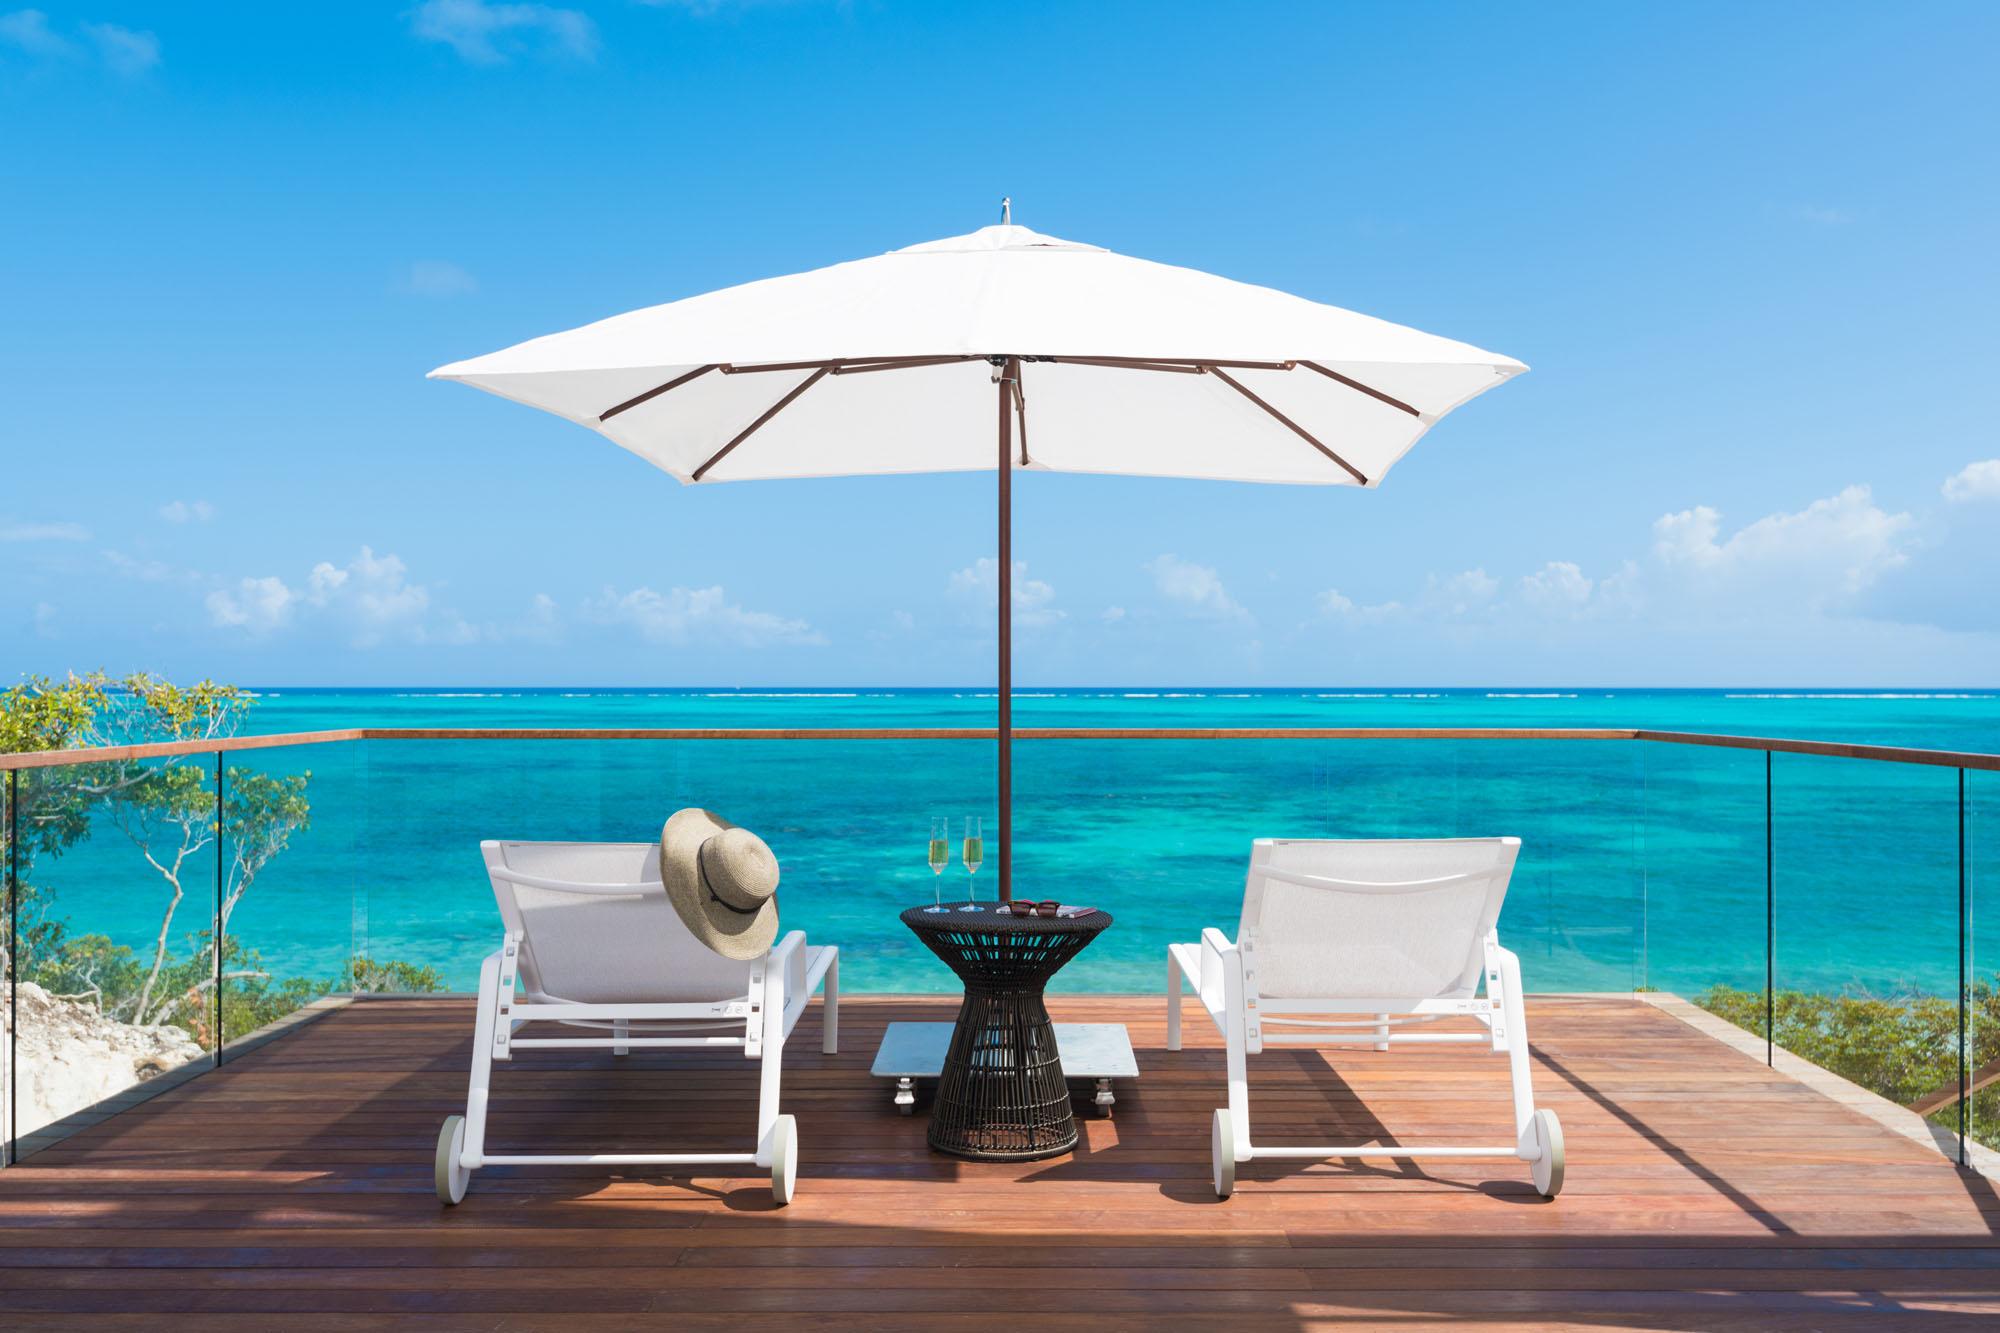 The Contemporary Caribbean Architecture Of Beach Enclave North Shore Beachfront Villas Providenciales Provo